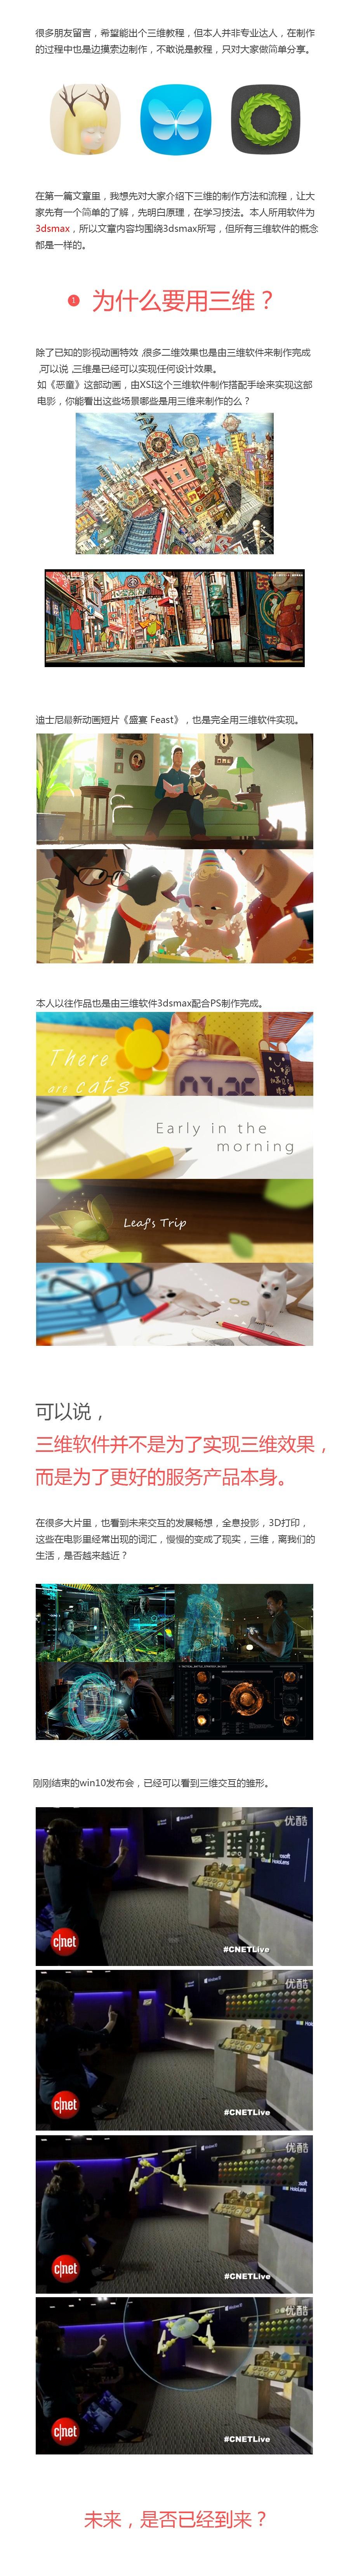 超赞!图标教程之3DS MAX基础知识自学指南(一)